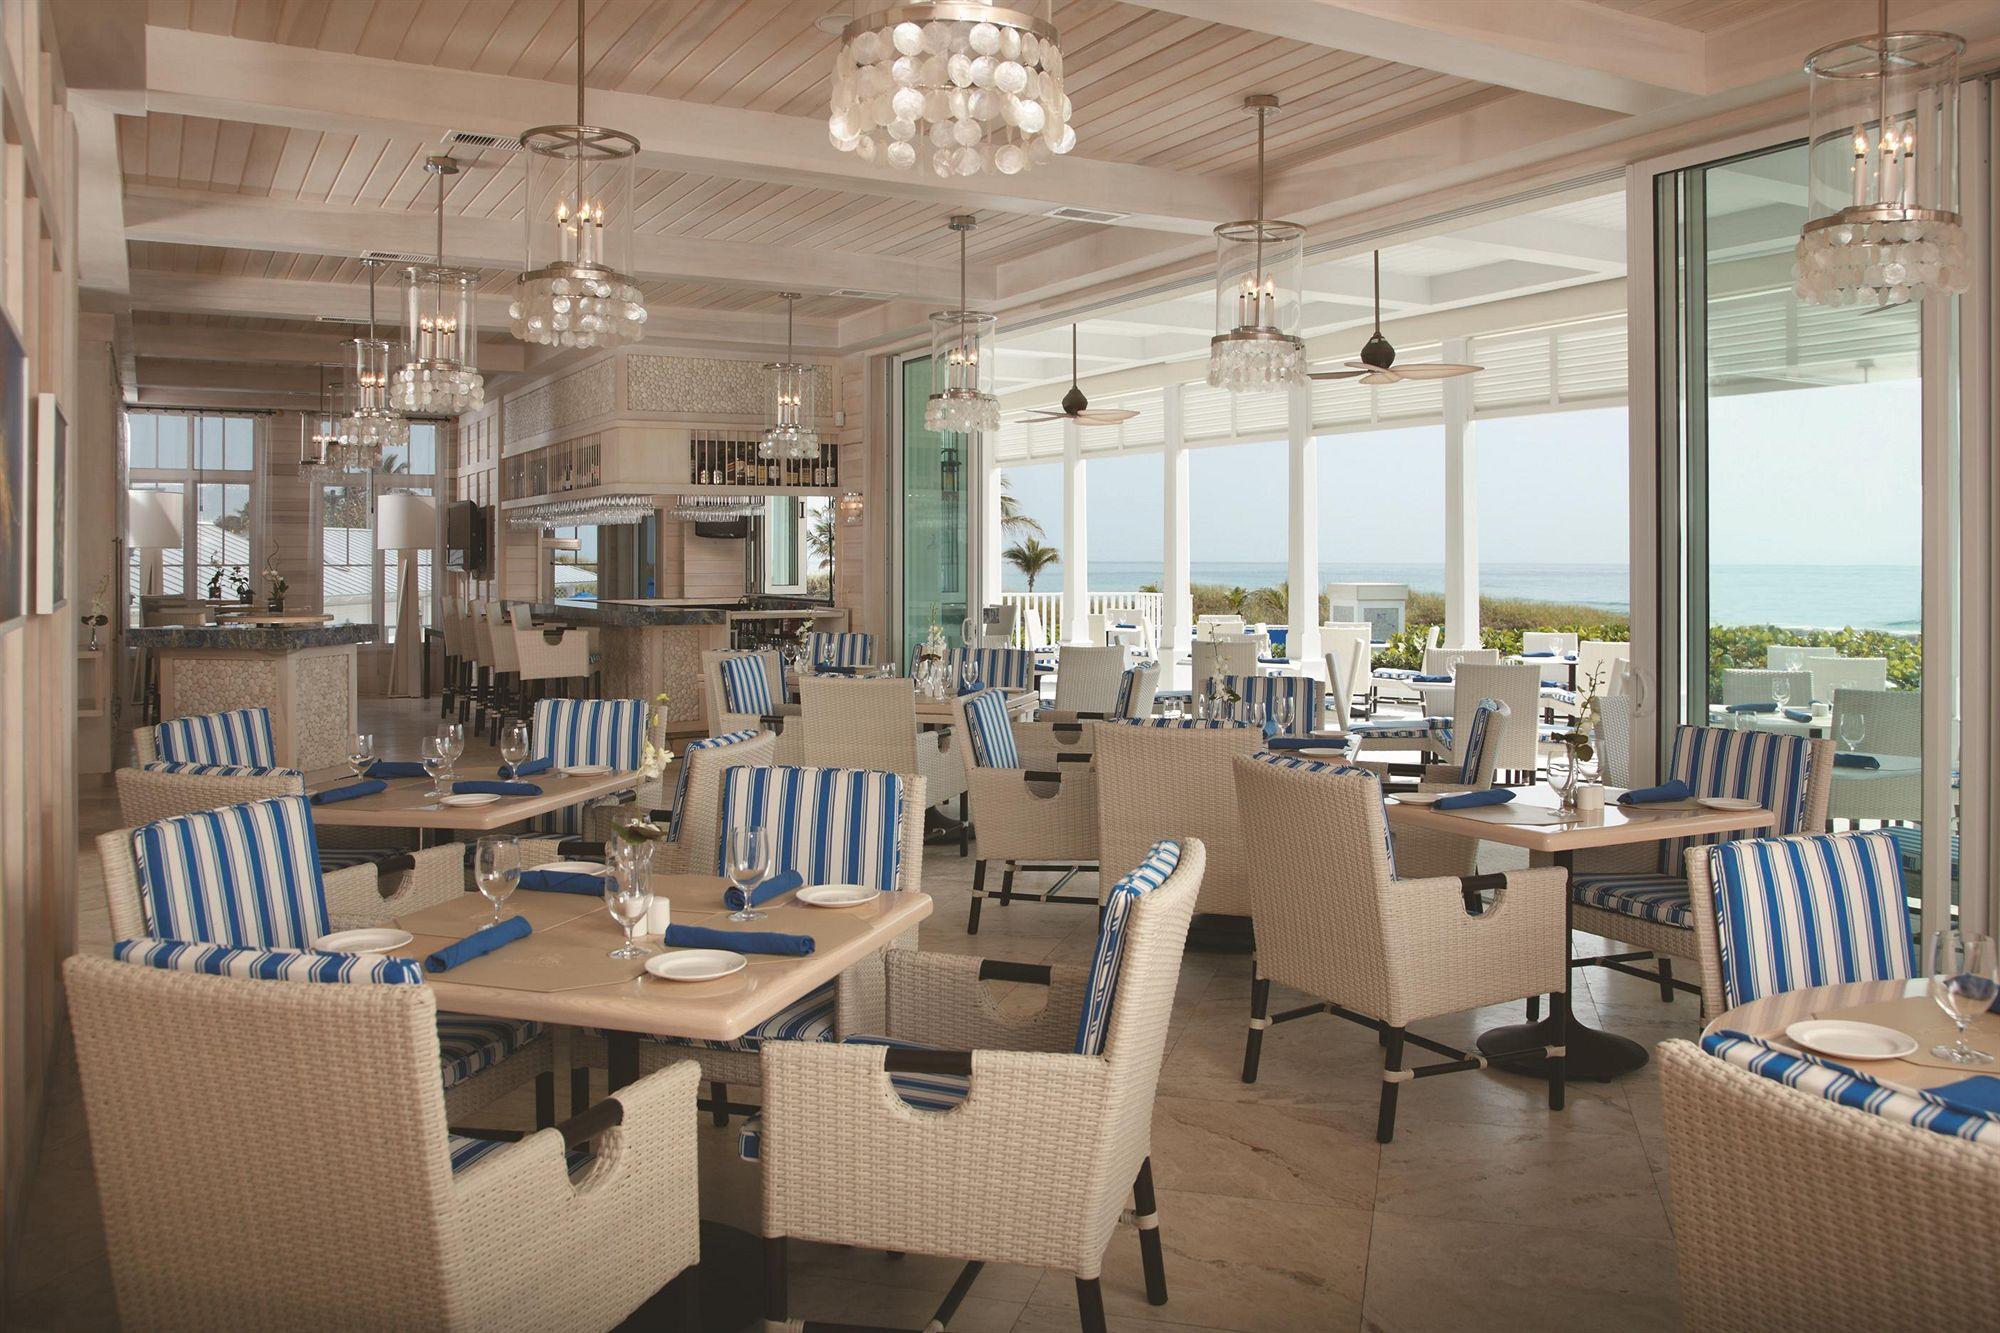 ... FL The Seagate Hotel U0026 Spa In Delray Beach, FL ...